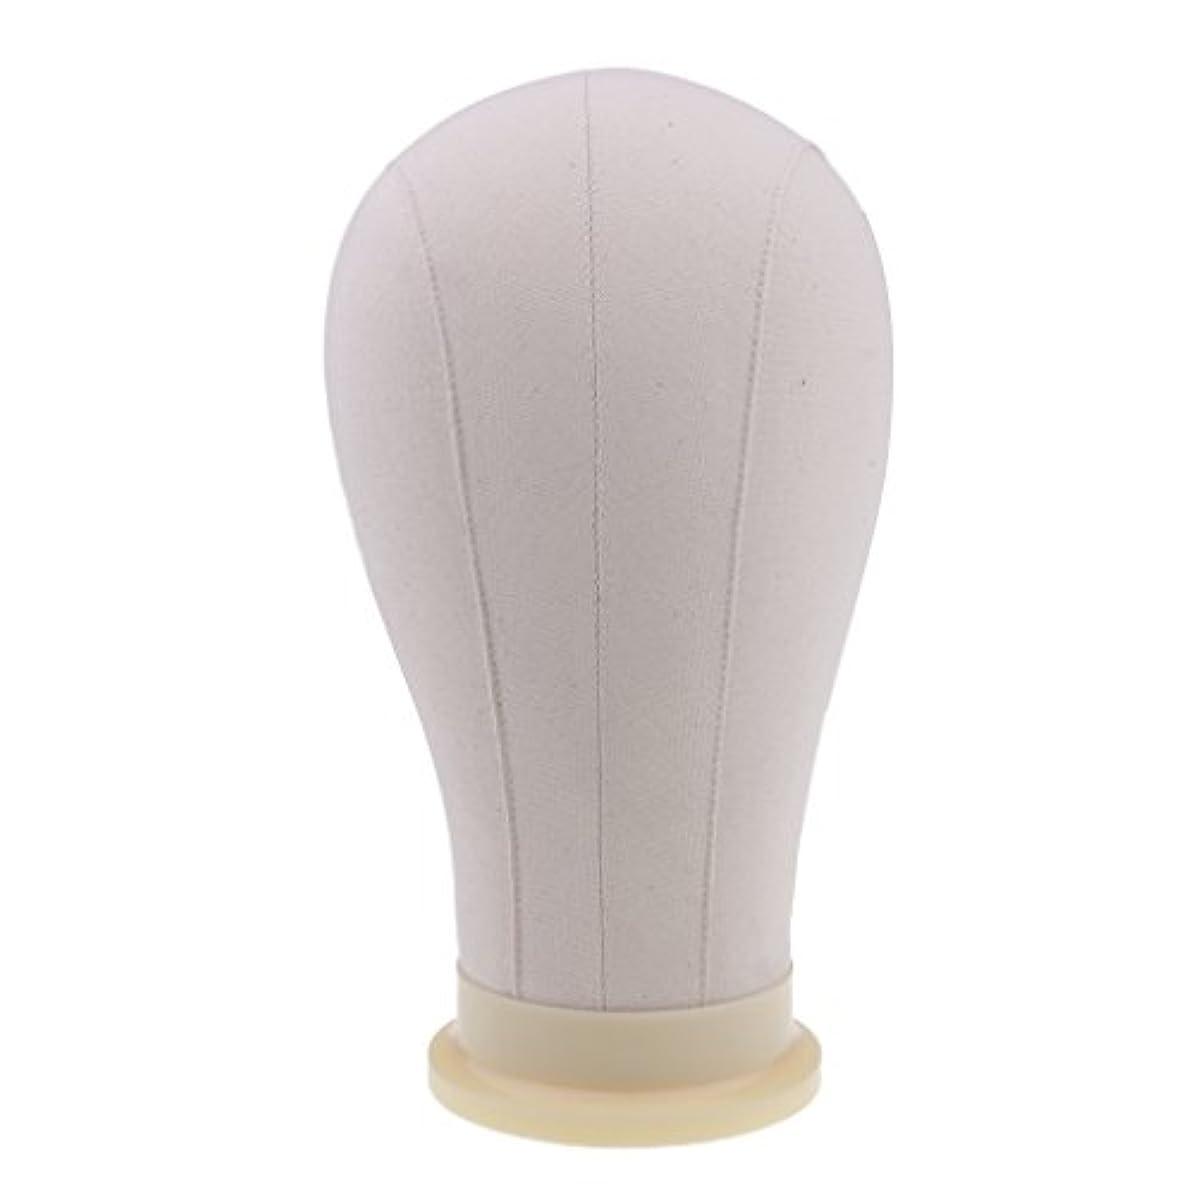 笑イライラするオーブンToygogo マネキンヘッド ディスプレイ 頭部モデル かつら 帽子 メガネ 展示 ホルダー 4サイズ - 23インチ